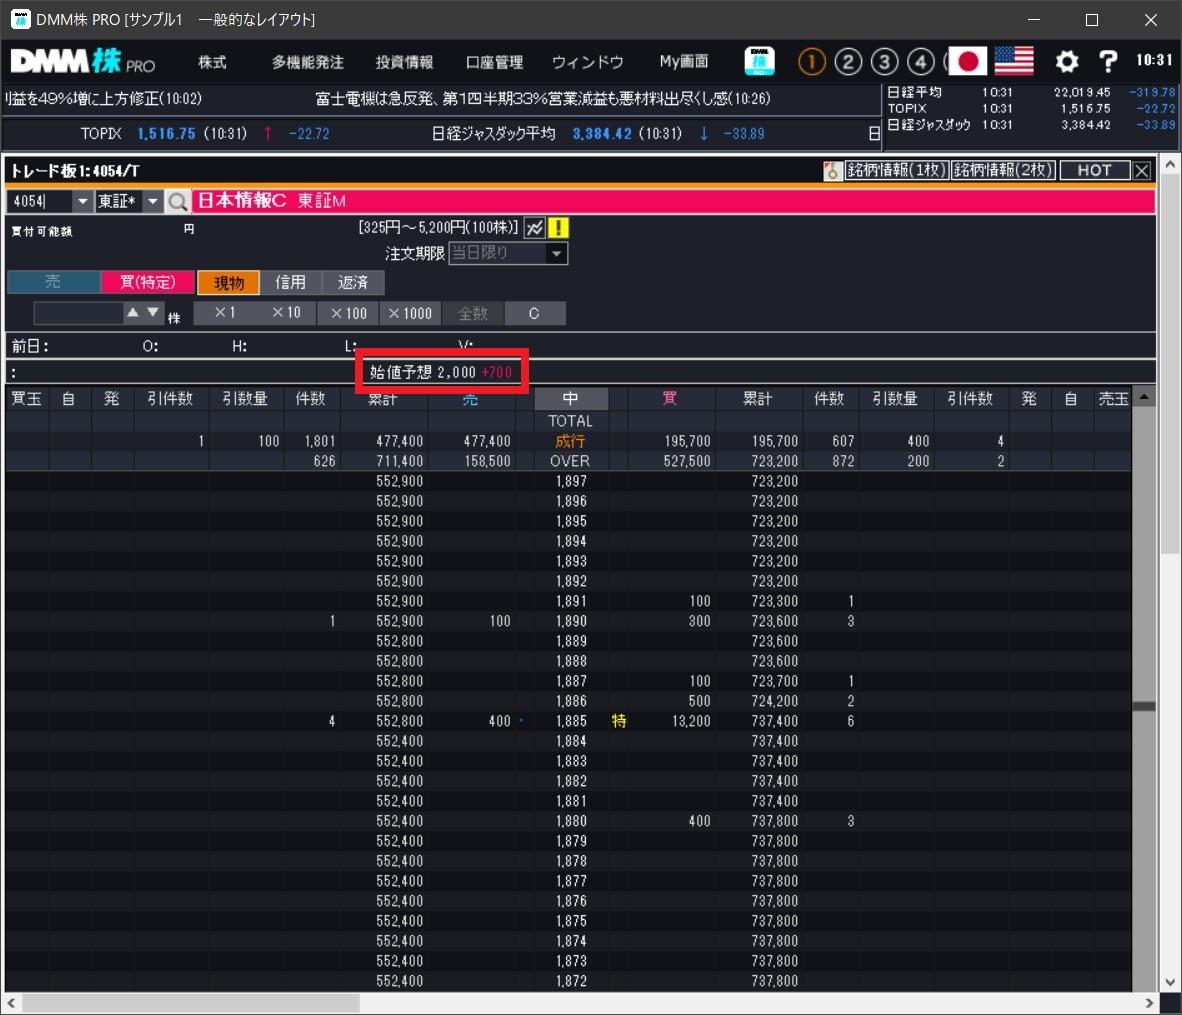 日本情報クリエイト(4054)IPOフル板